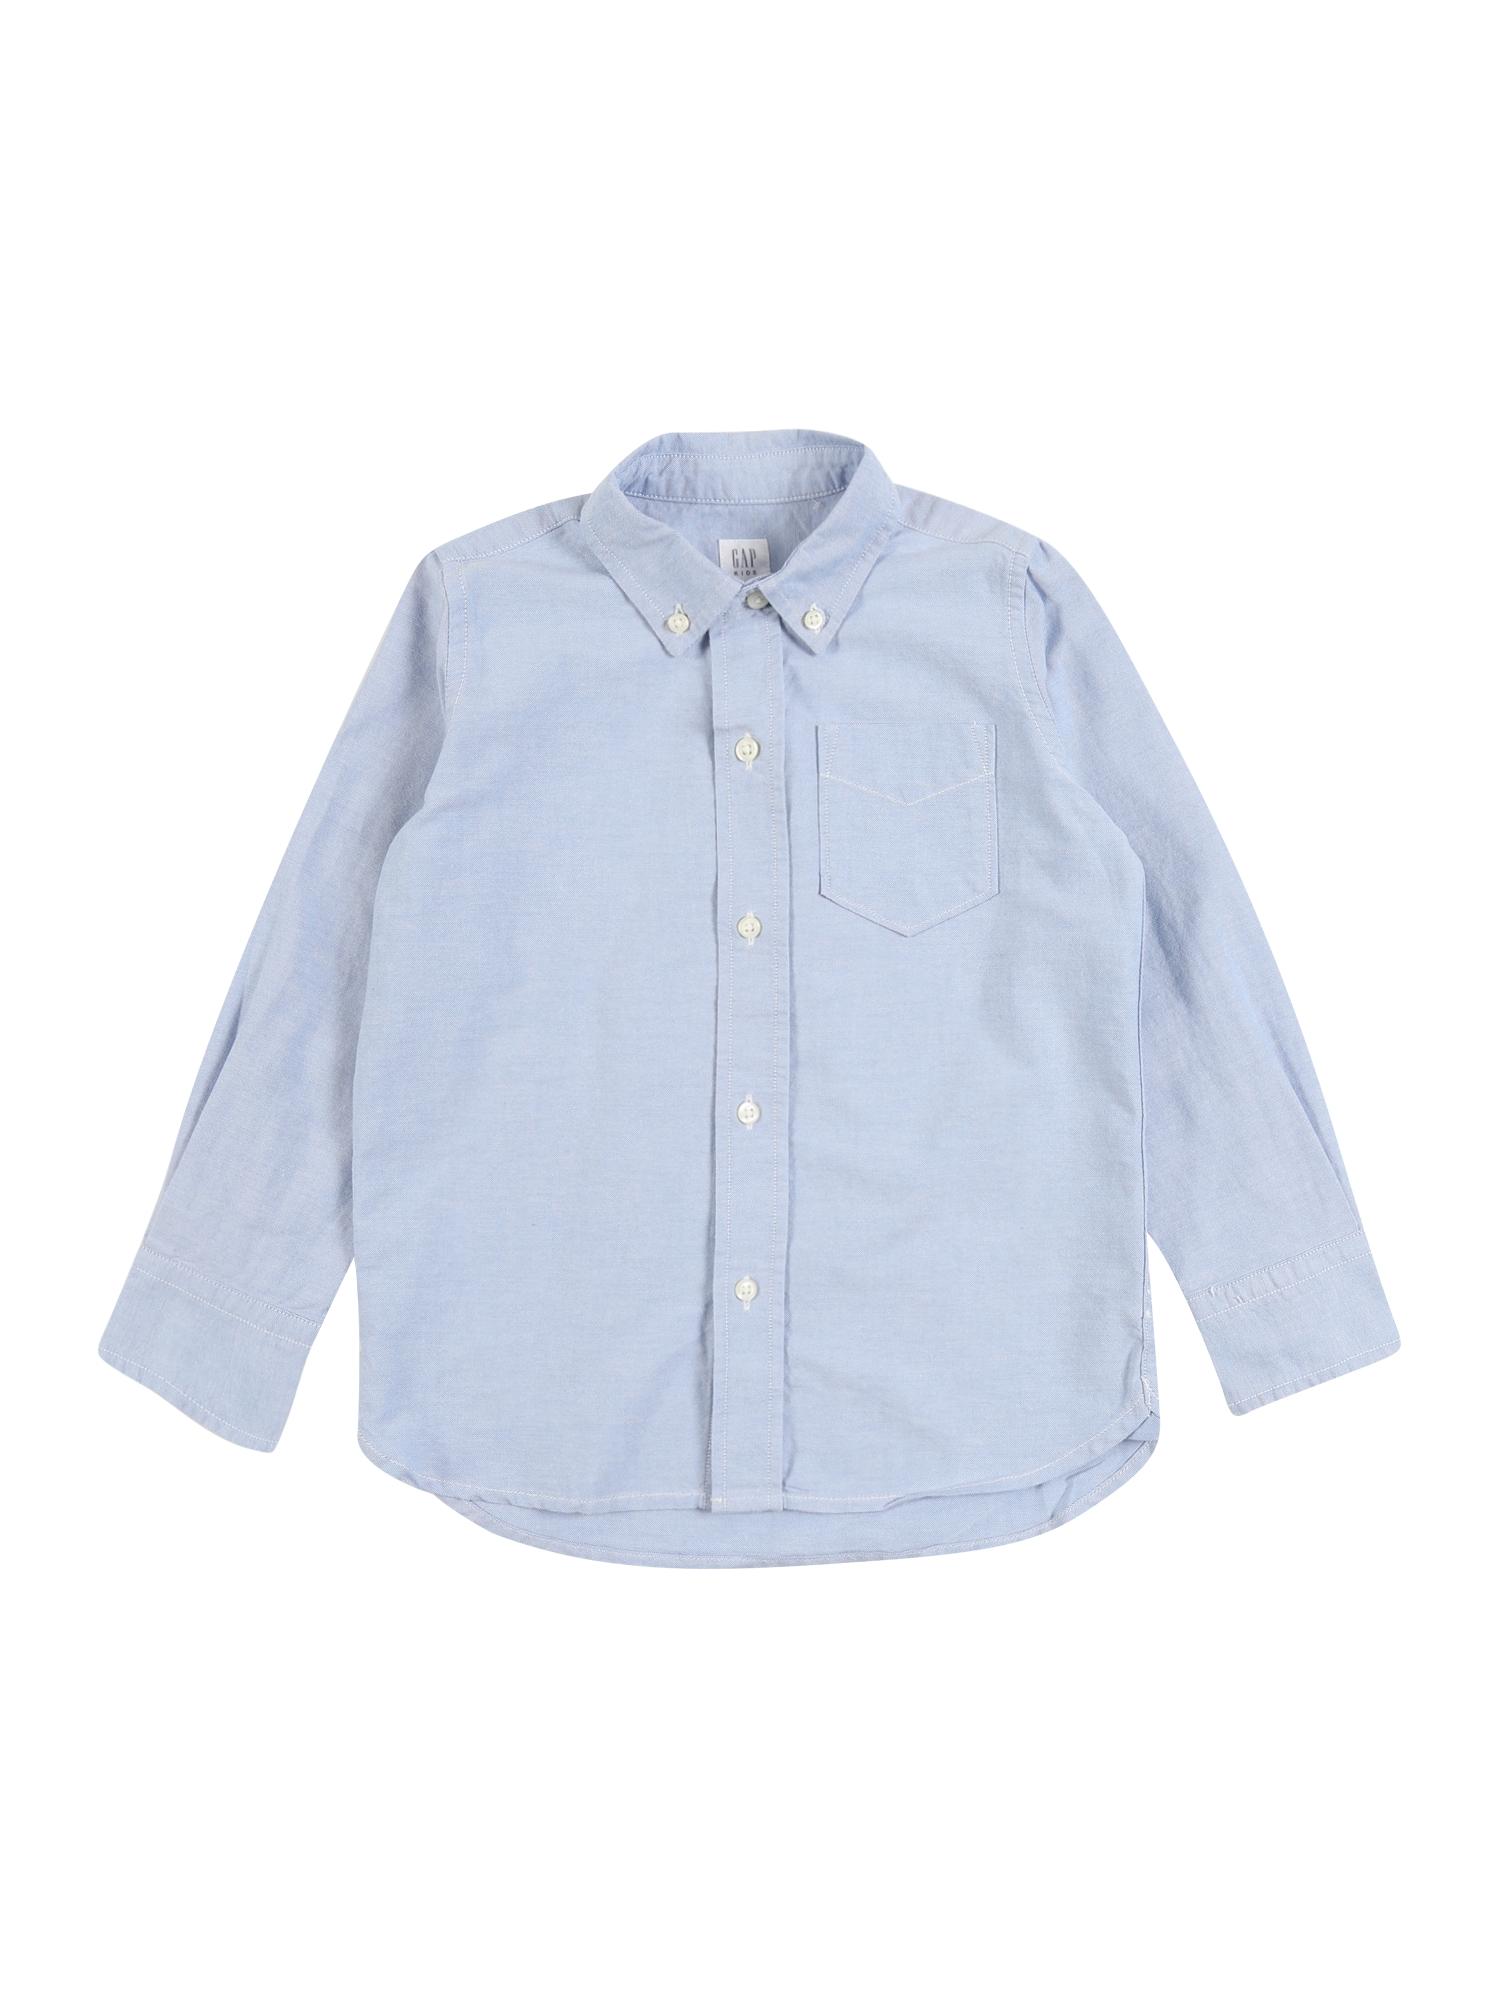 GAP Dalykiniai marškiniai 'OXFORD' tamsiai mėlyna